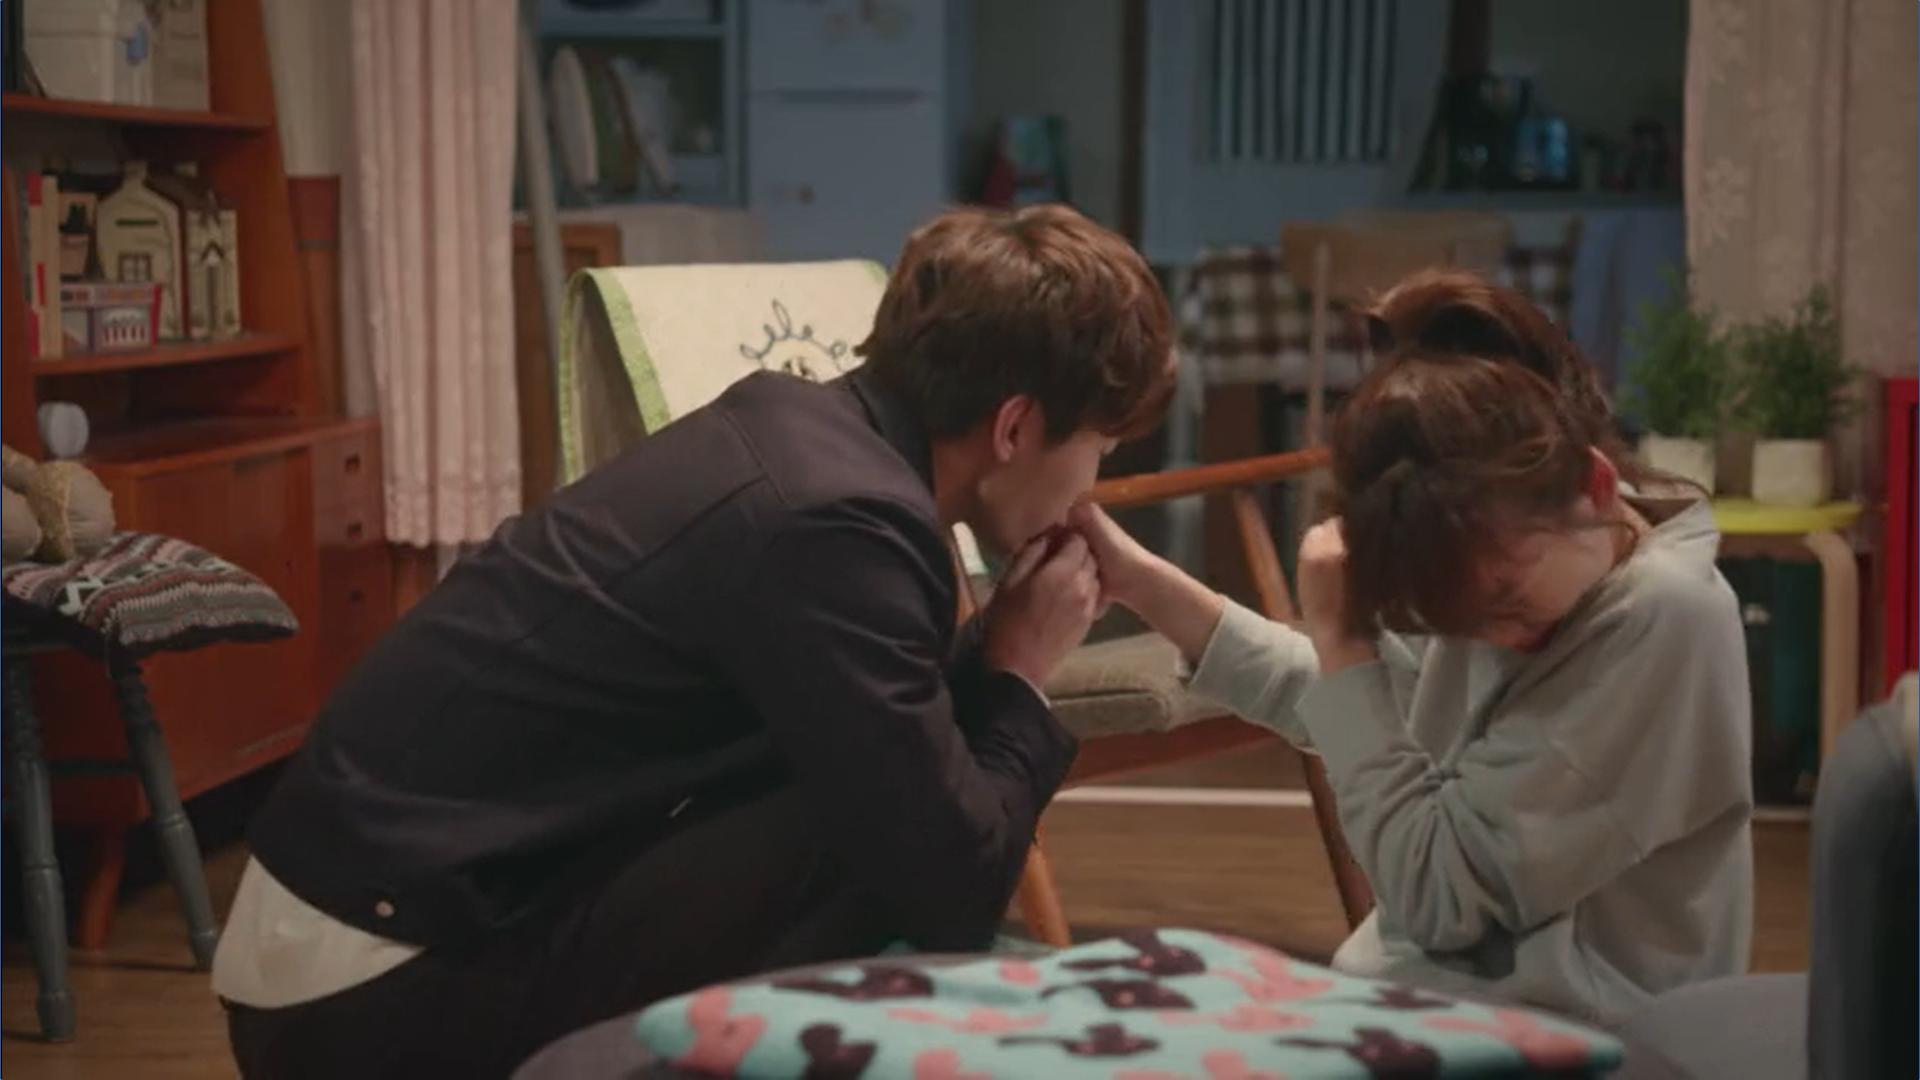 Wednesday 3:30 PM Yoon Jae-won pricking Seon Eun-woo's finger